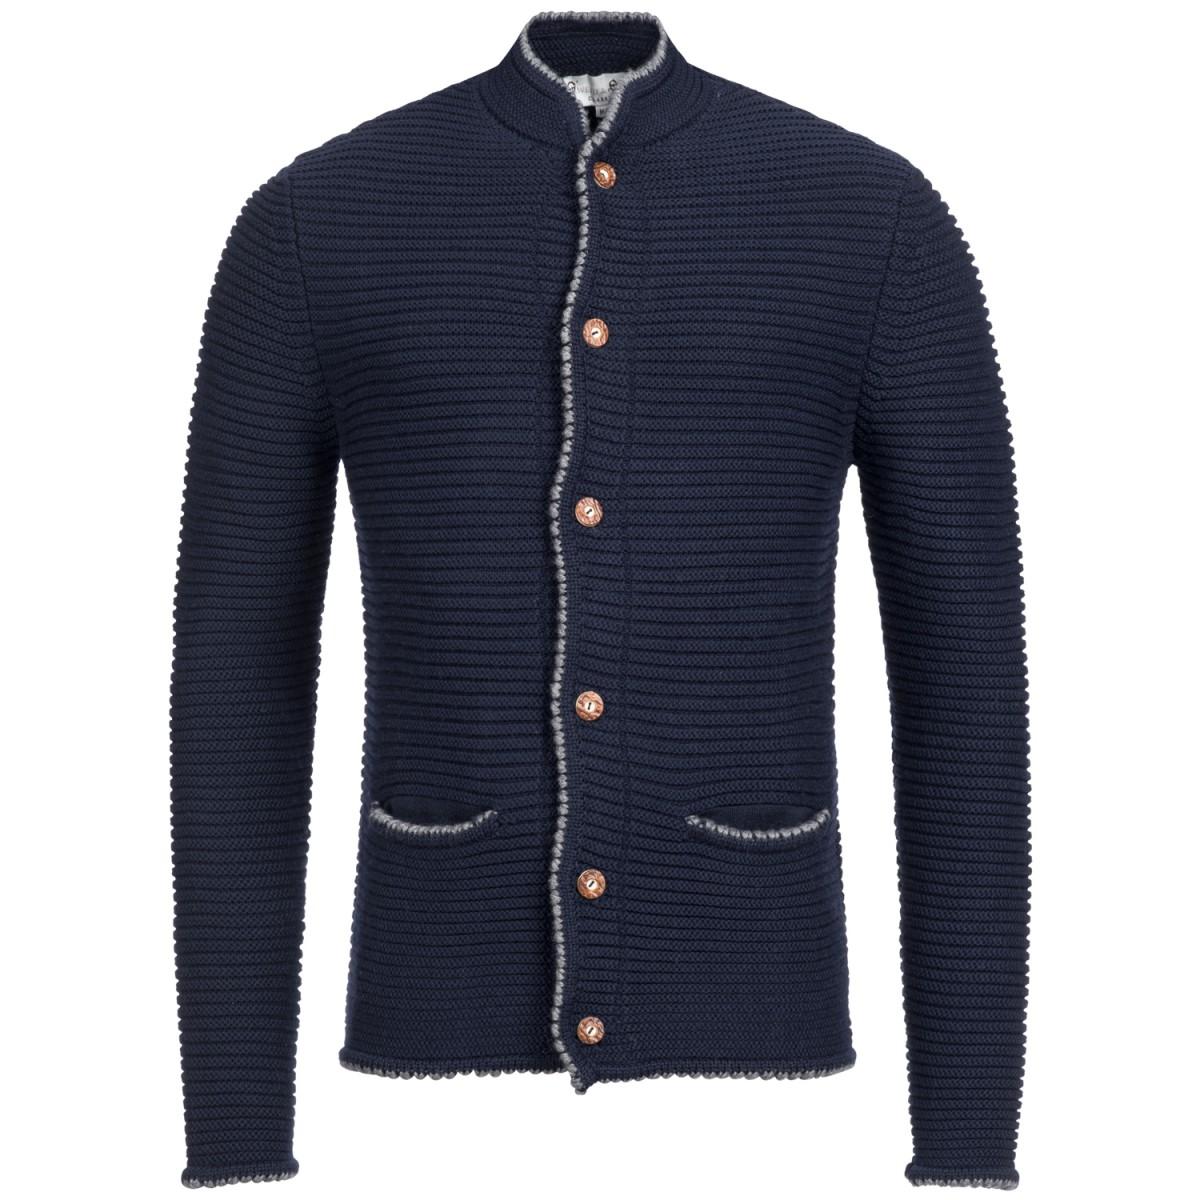 dunkelblaue Strickjacke von Gweih und Silk